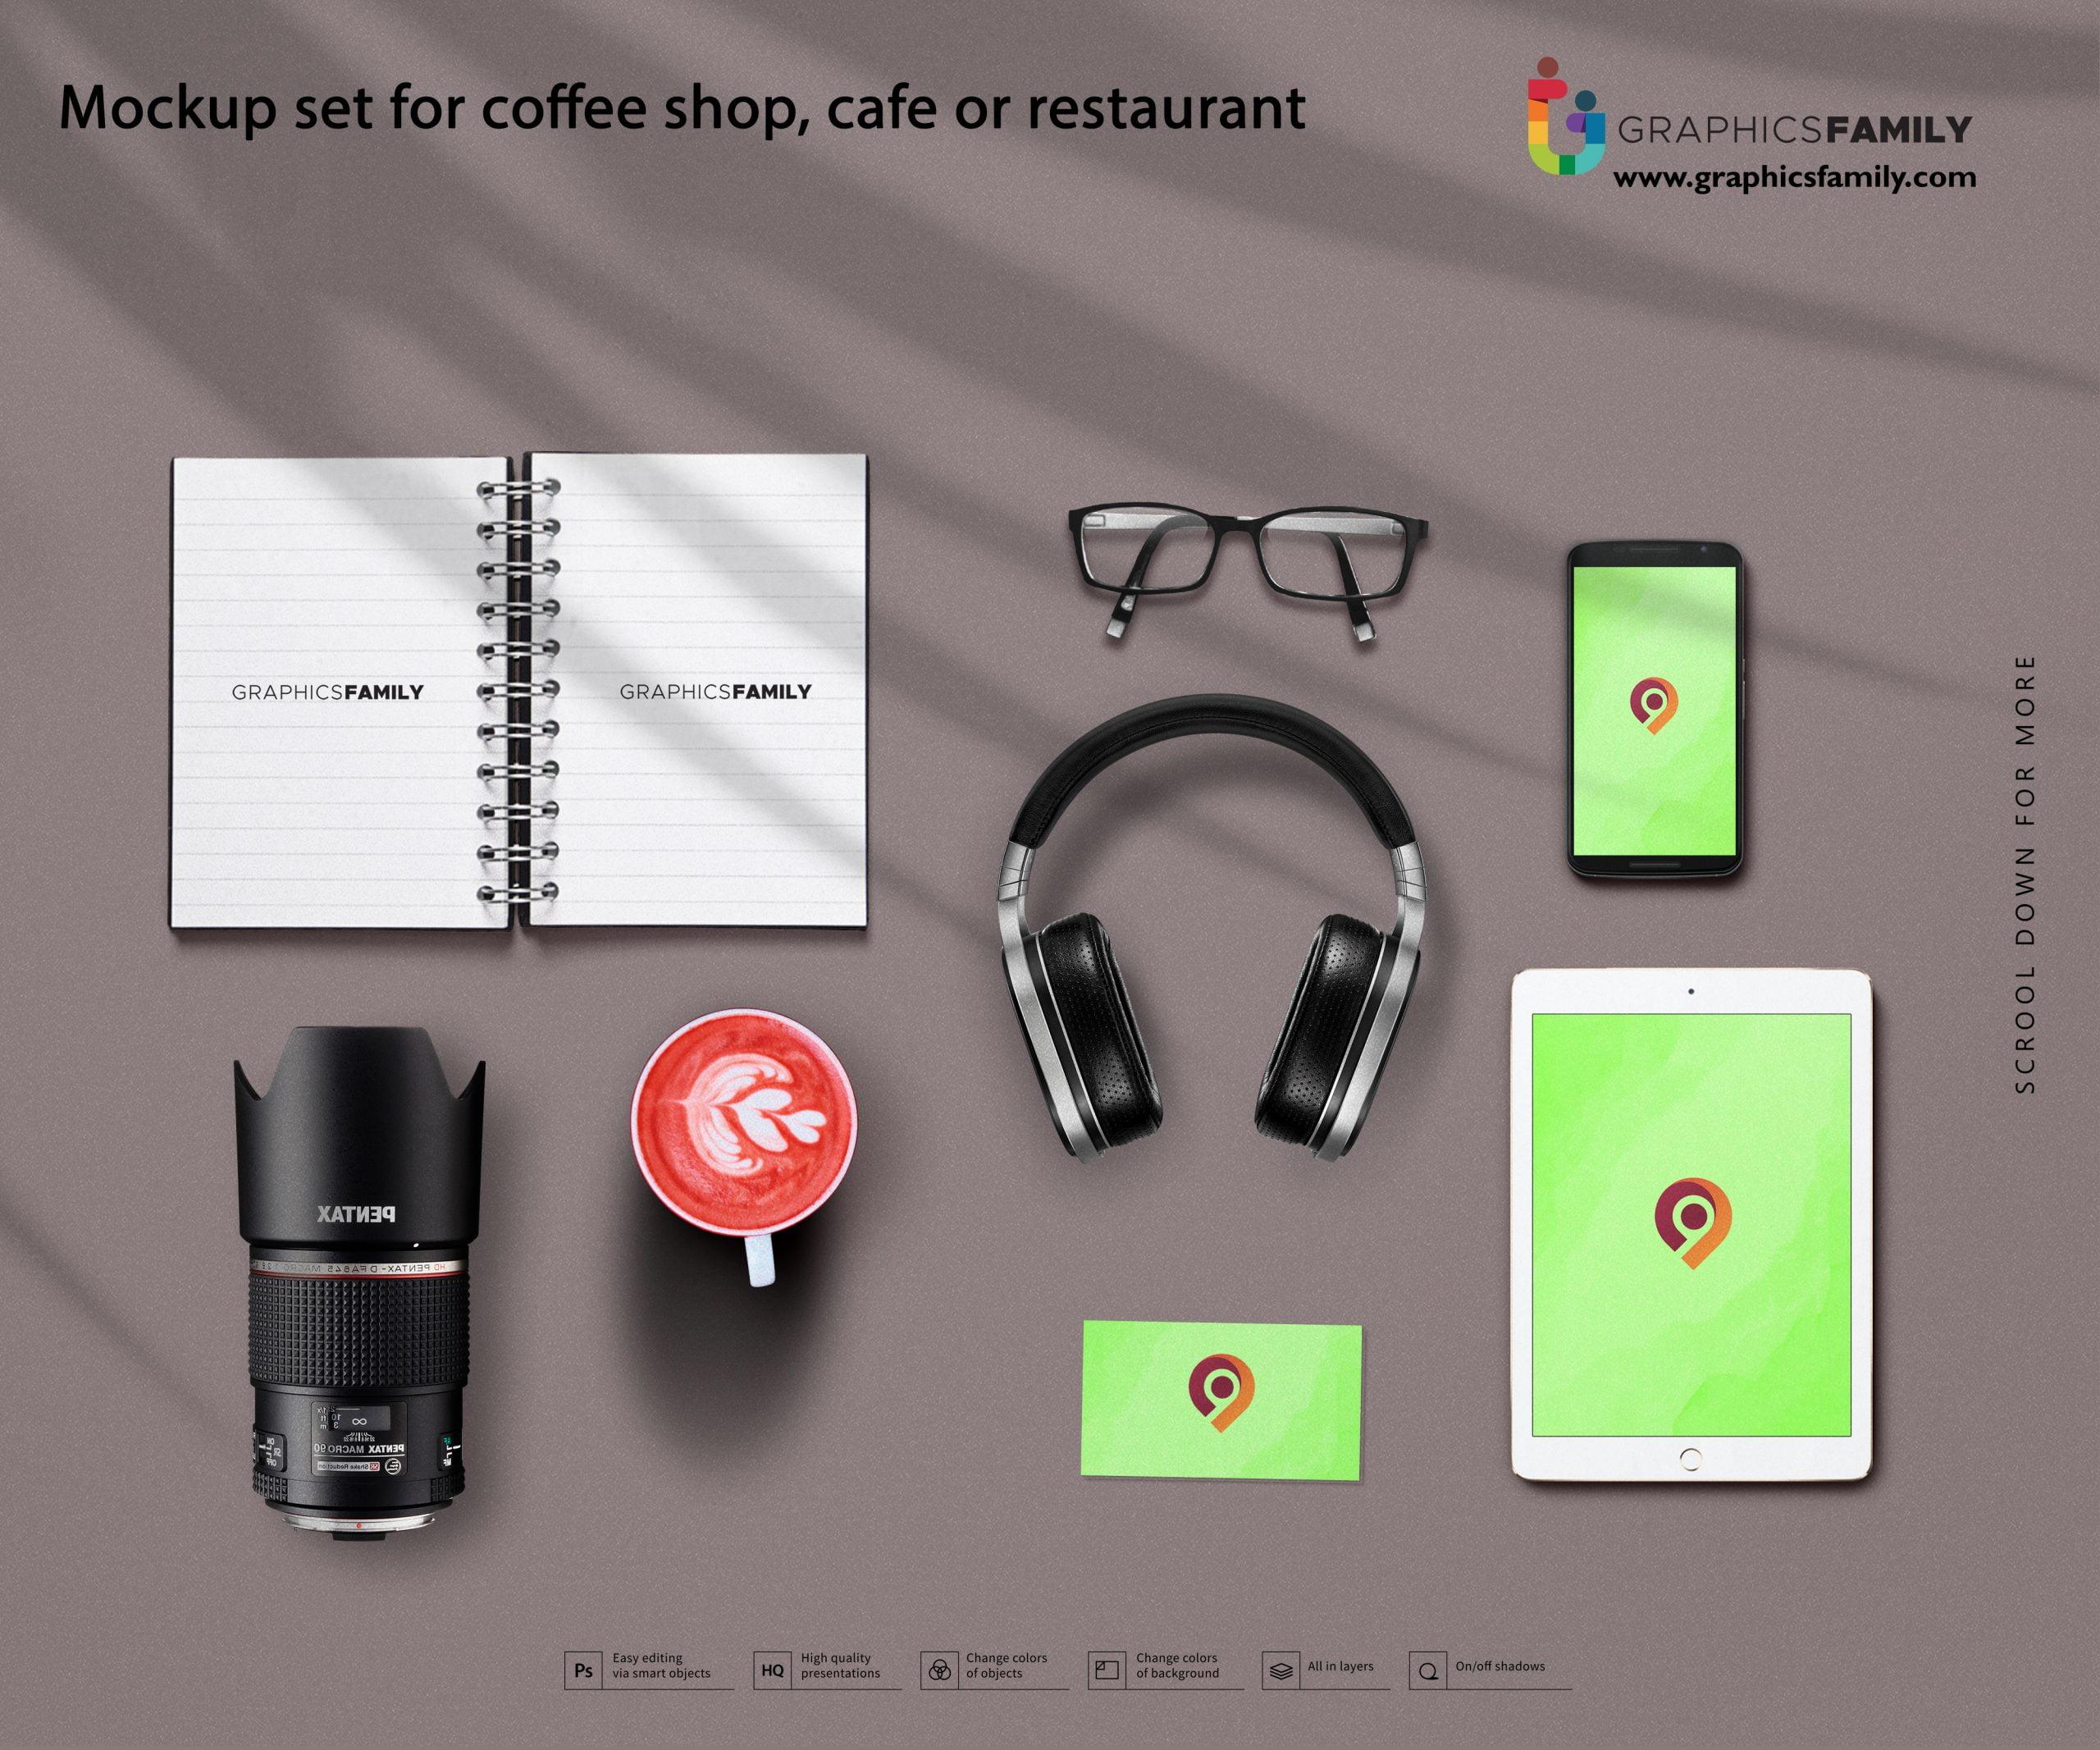 Mockup set for coffee shop, cafe or restaurant